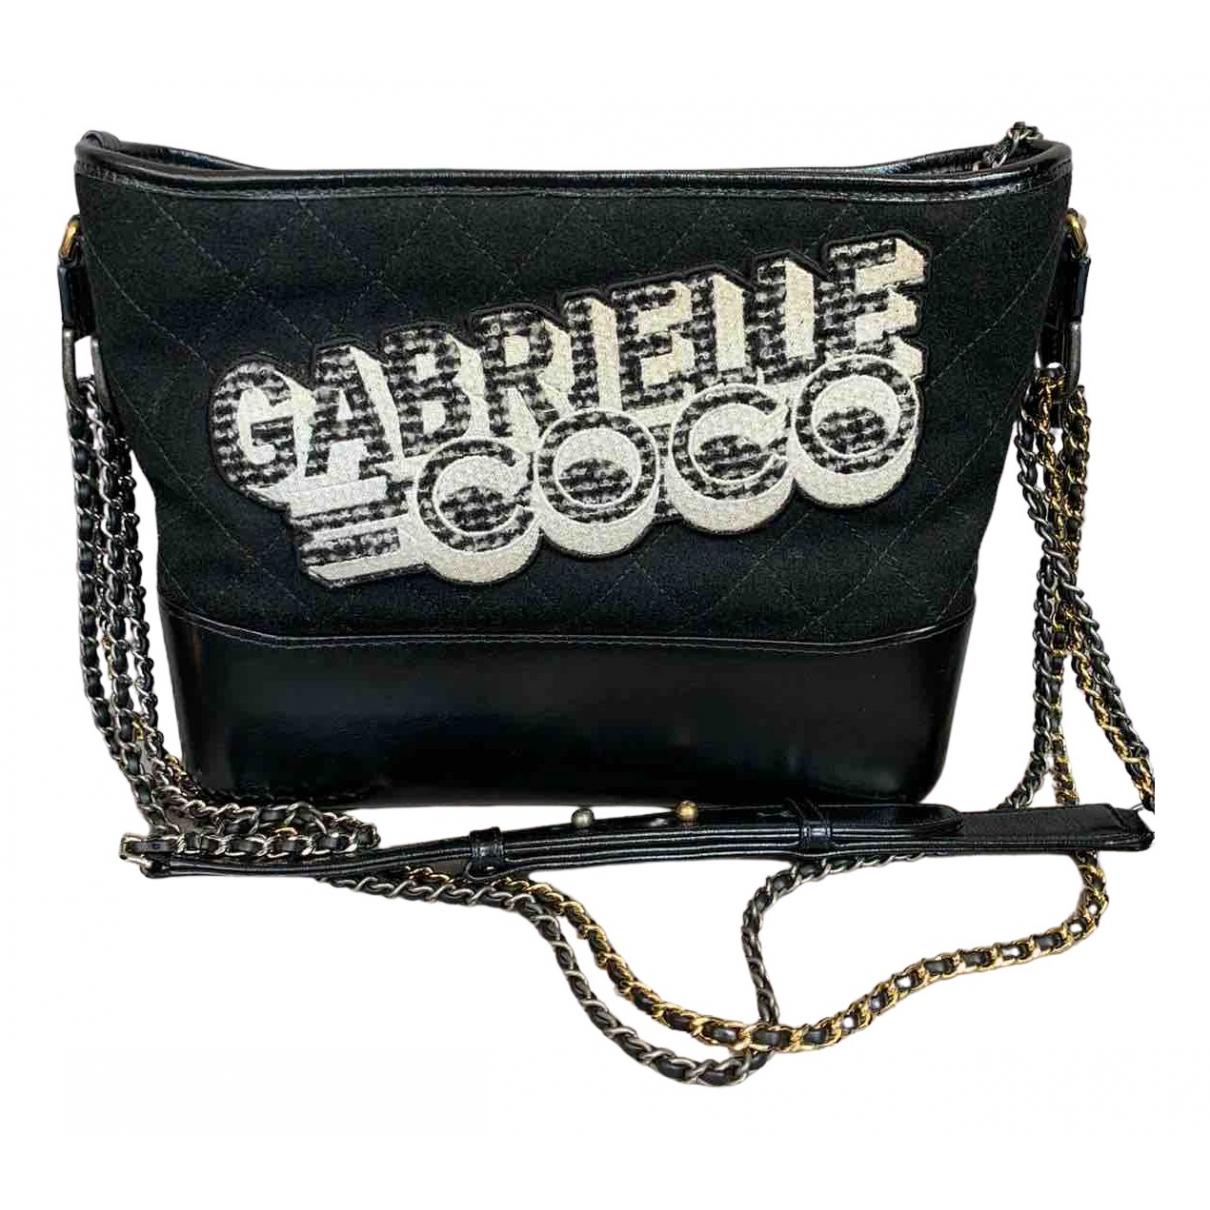 Chanel - Sac a main Gabrielle pour femme en cuir - multicolore